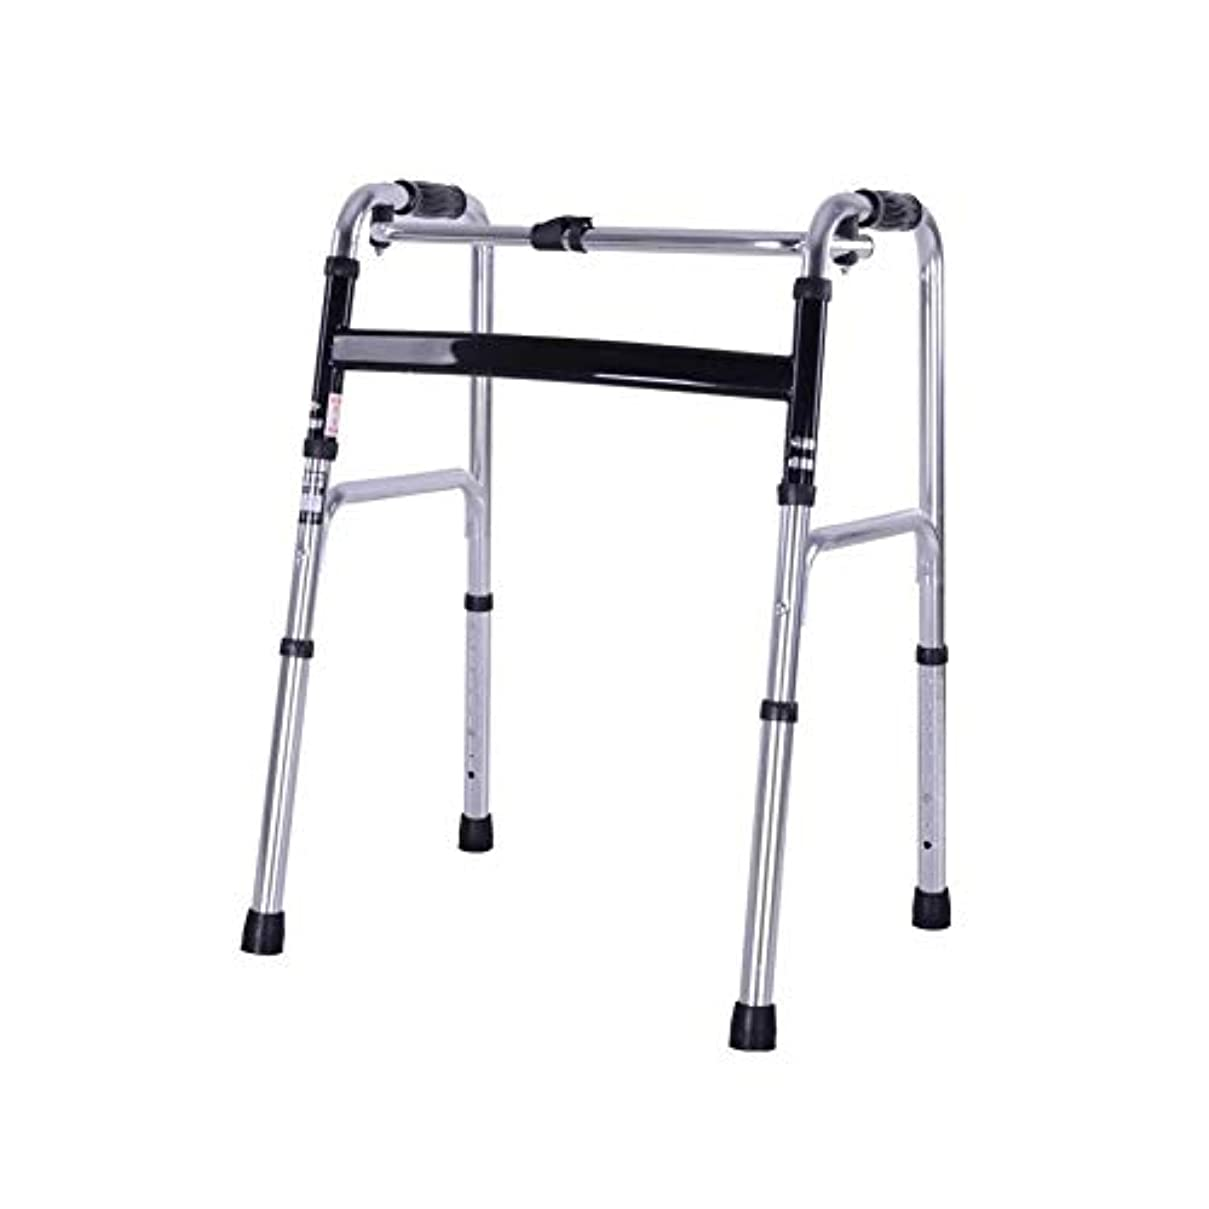 取り扱い星同じ高齢者のための折りたたみ式軽量アルミニウム高さ調節可能な歩行フレームの移動補助具